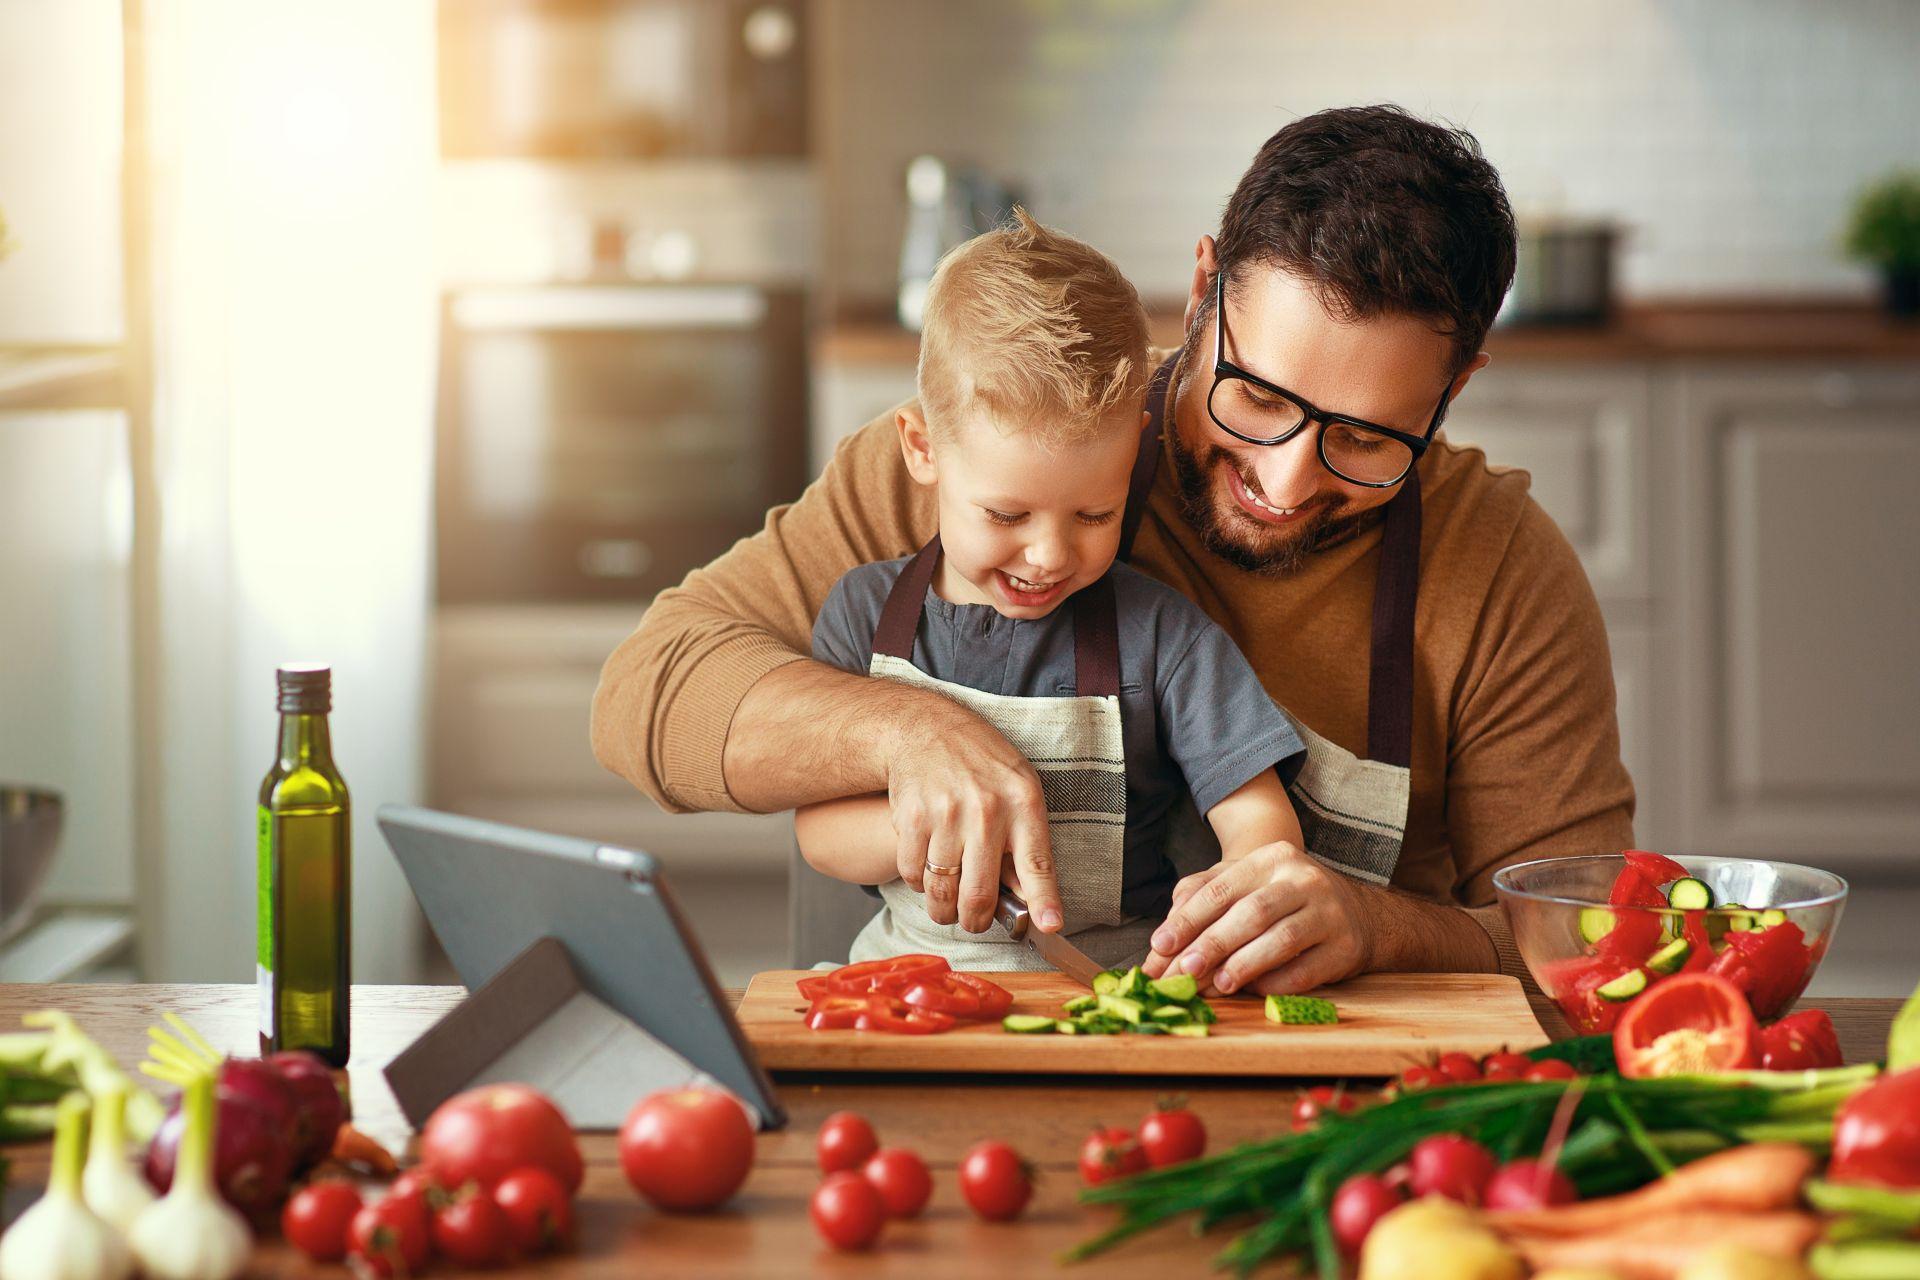 Przed czym mogą nas uchronić zdrowe nawyki żywieniowe? Jakie skutki mogą przynieść złe nawyki i mała aktywność fizyczna? Dowiedz się więcej.